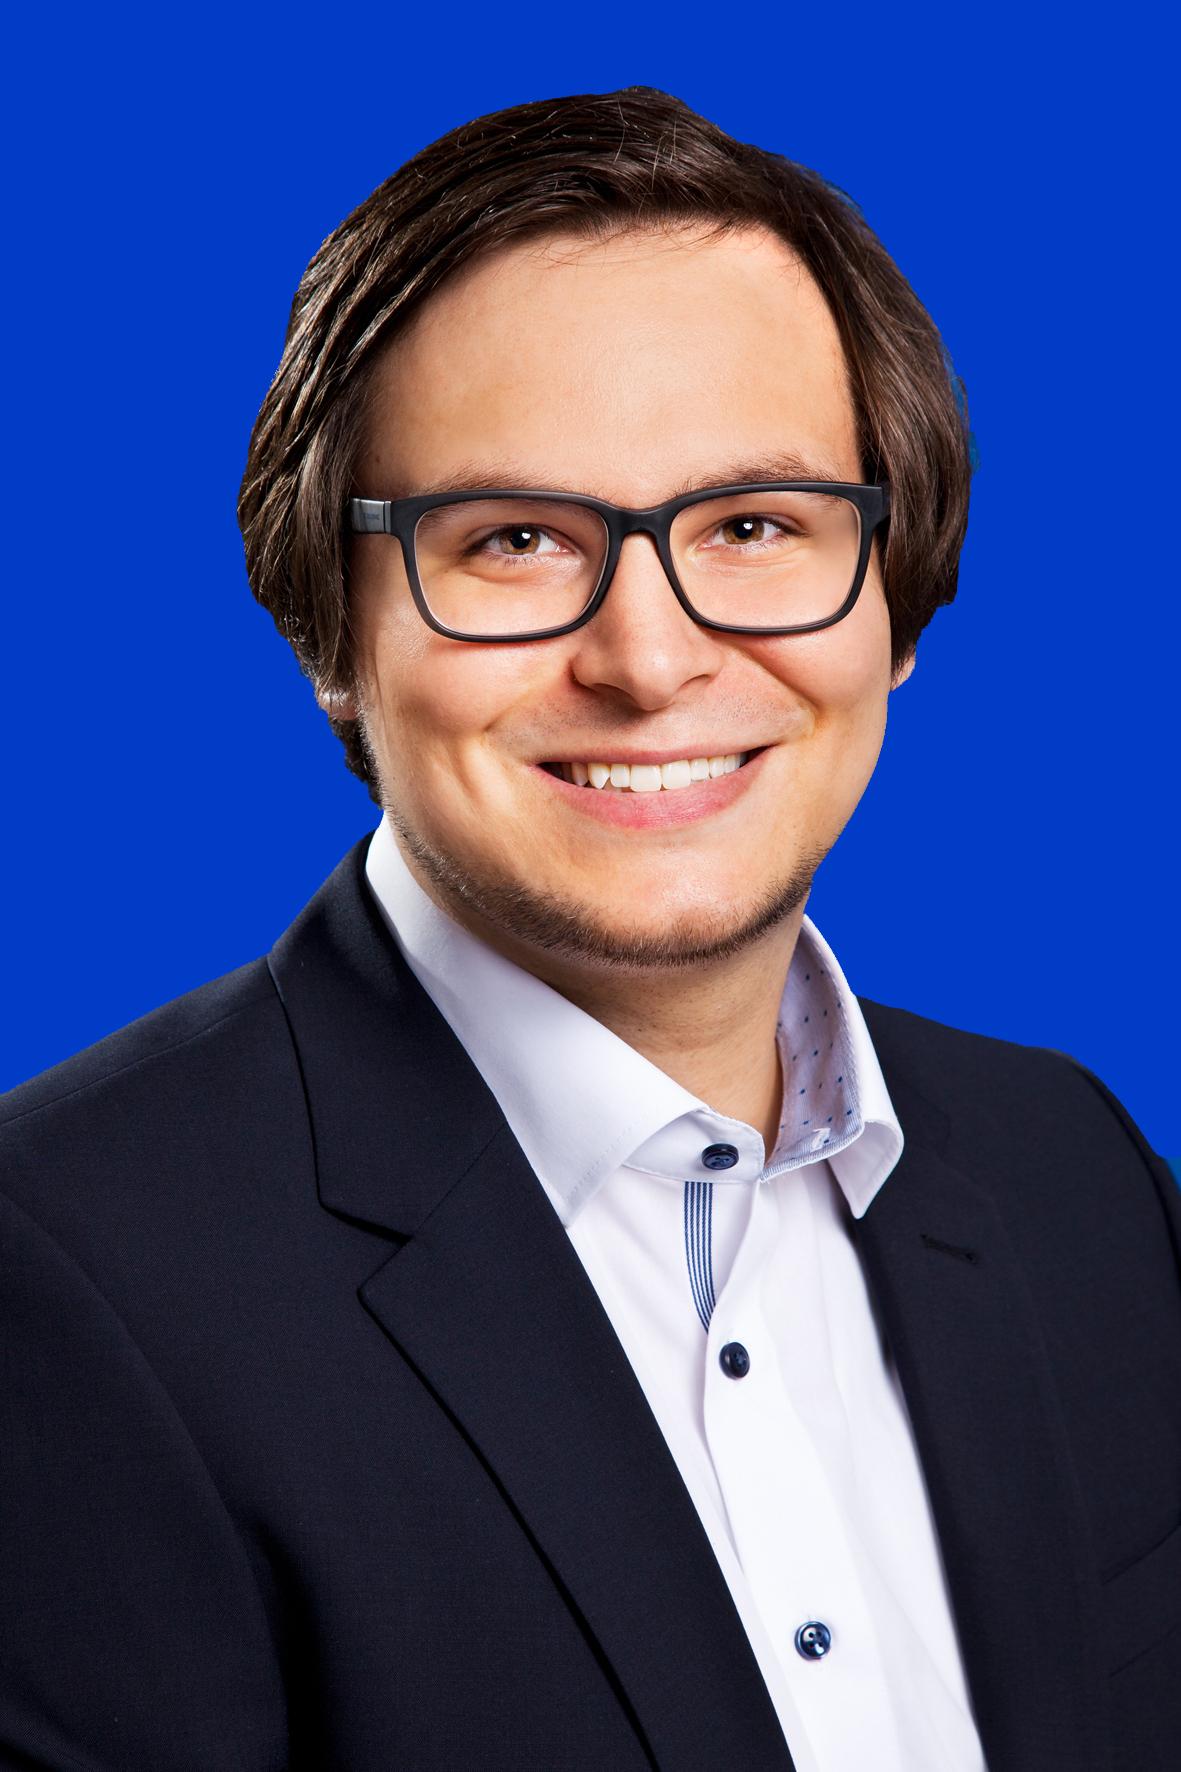 Nico Weiner